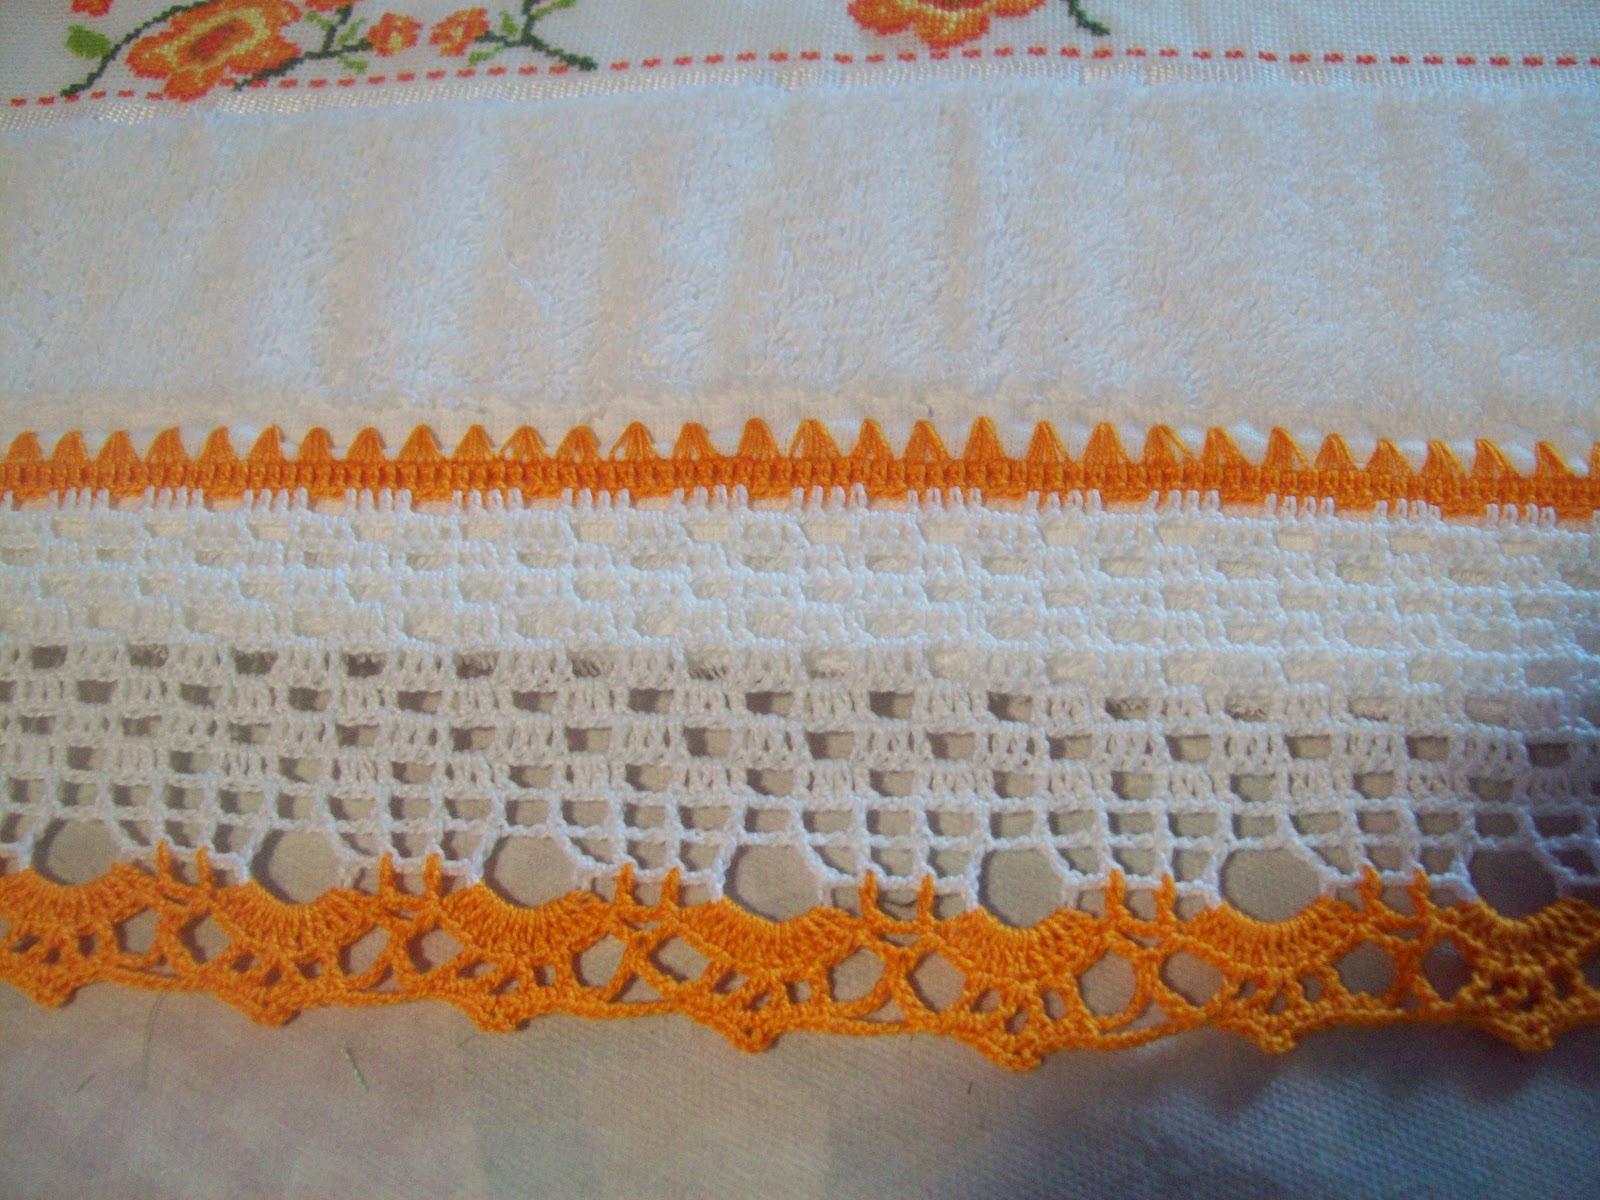 Puntos y retazos puntilla en crochet para toalla - Cosas para hacer de ganchillo ...